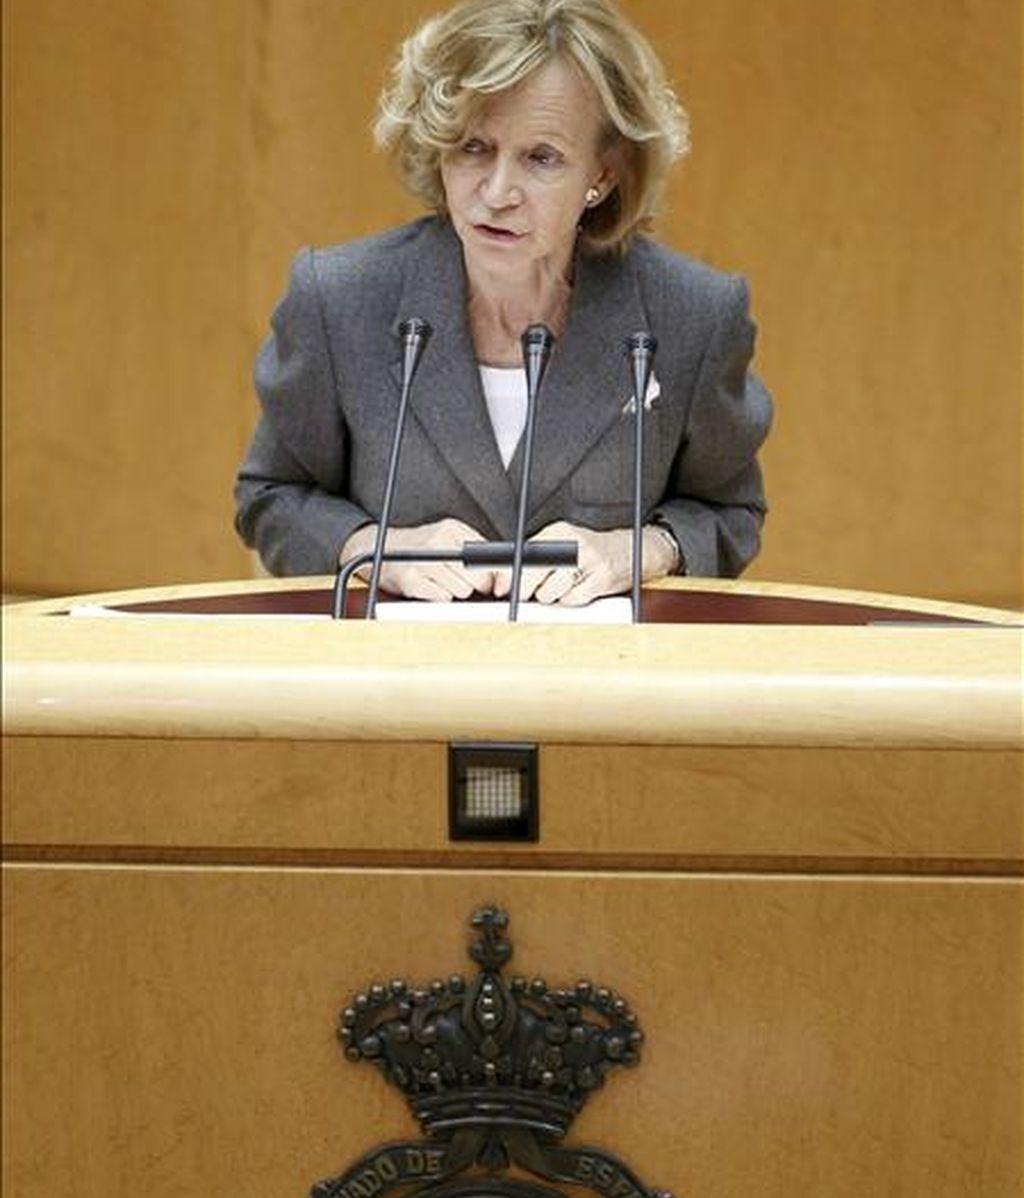 La vicepresidenta segunda del Gobierno, Elena Salgado, durante una de sus intervenciones en el pleno del Senado, donde hoy se debaten los cinco vetos presentados por PP, CiU, ERC, ICV y BNG al proyecto de Ley de los Presupuestos Generales del Estado de 2011. EFE